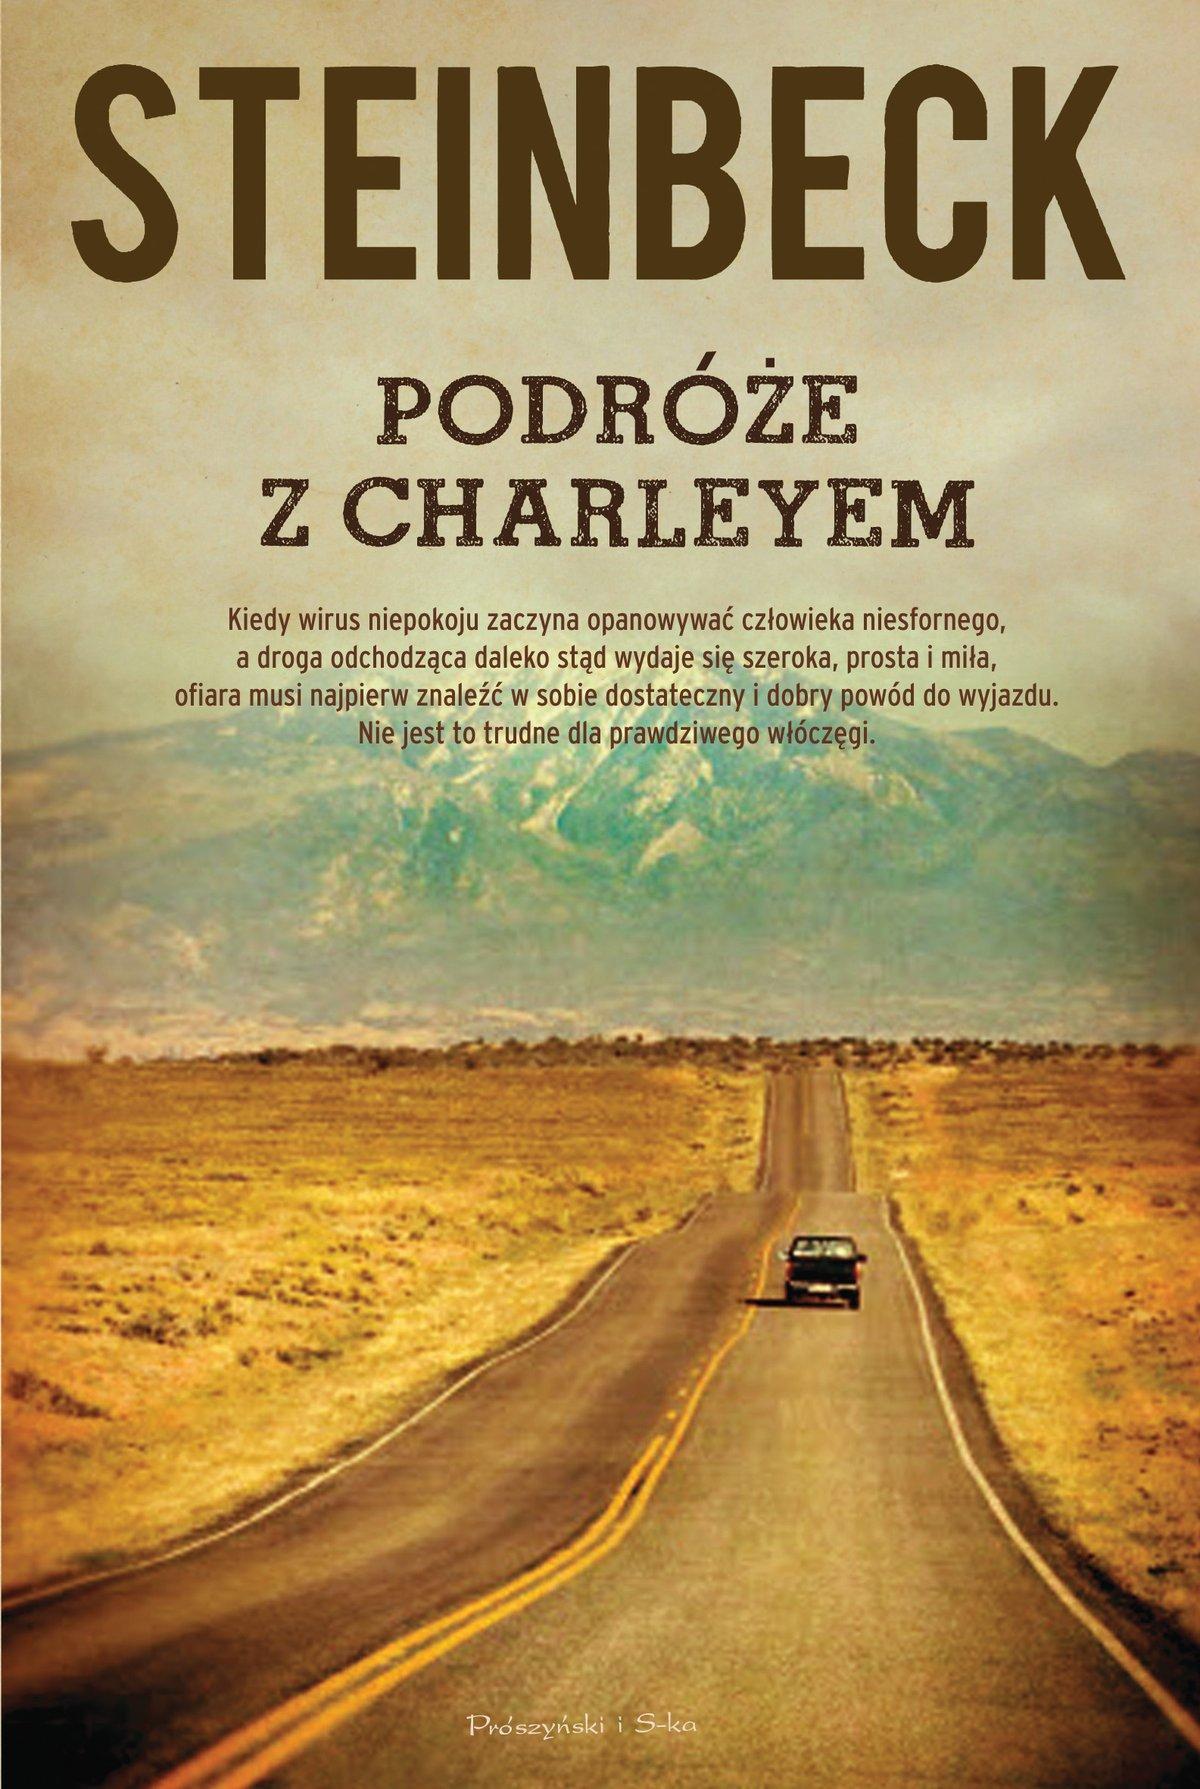 Podróże z Charleyem - Ebook (Książka na Kindle) do pobrania w formacie MOBI